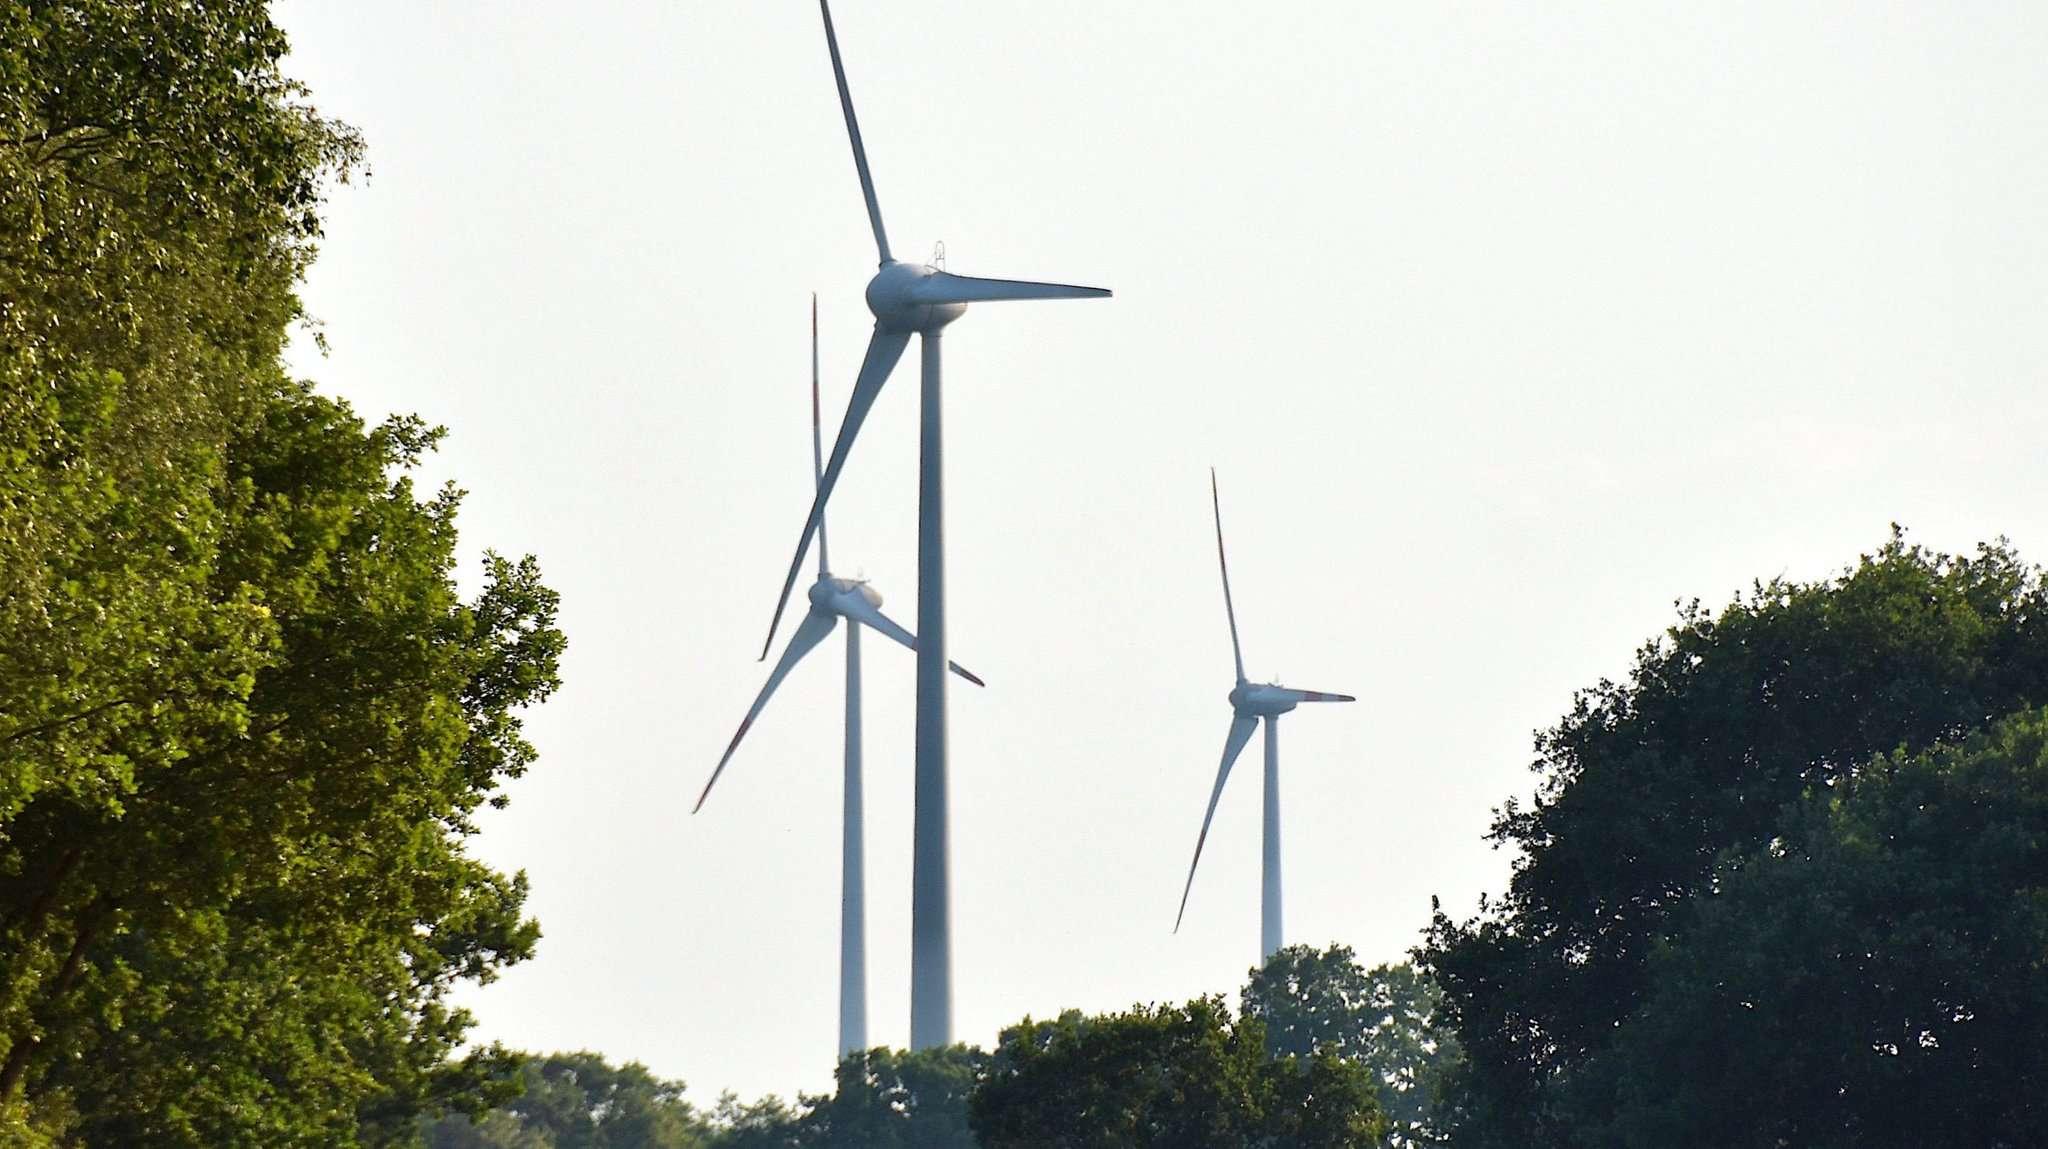 Schon jetzt prägen Windräder hier und da die Landschaft des Landkreises u2013 auch in Brockel werden noch einige Windräder hinzu kommen. Foto: Judith Tausendfreund